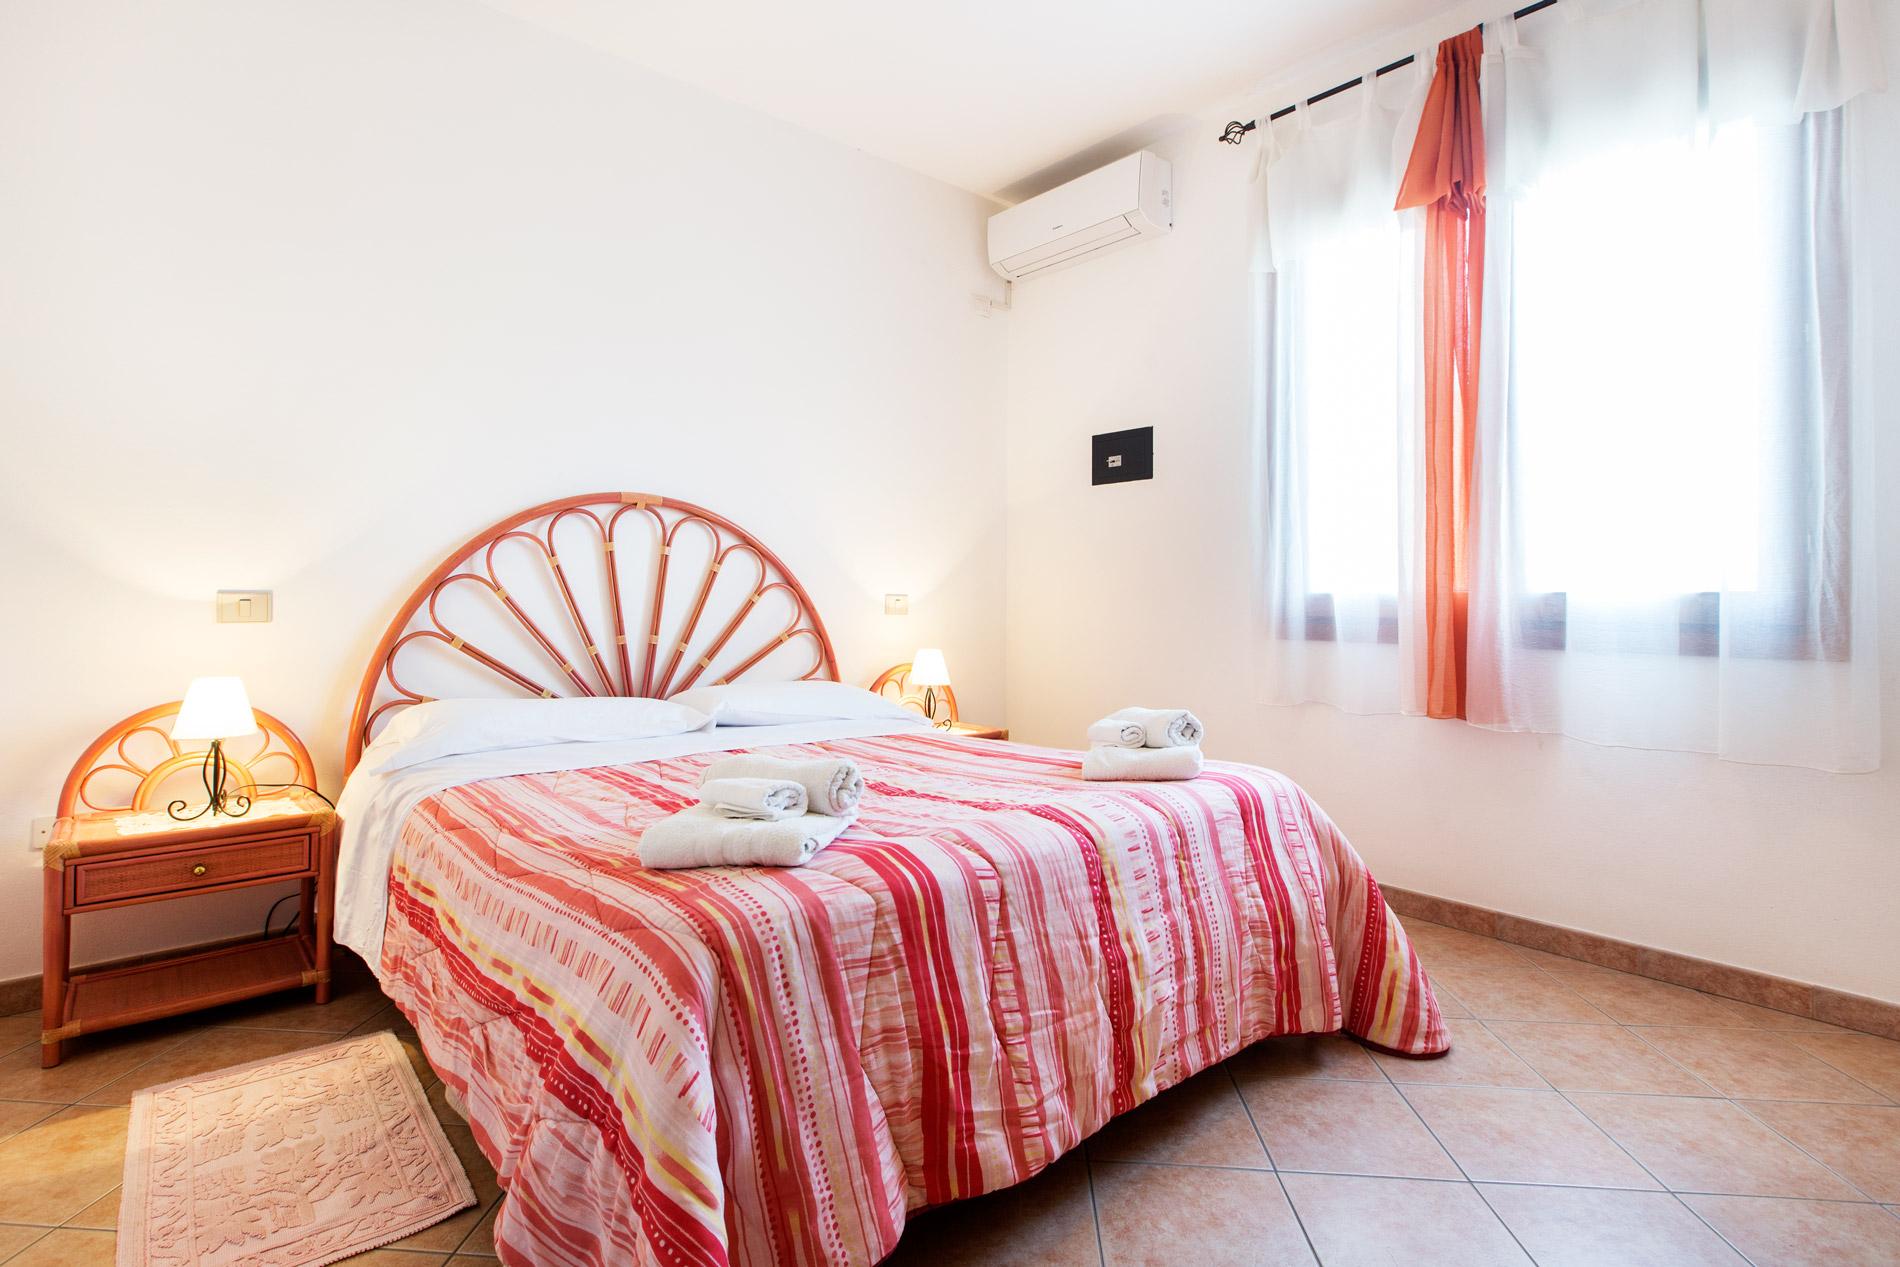 Casa de vacaciones Aurora Centro de la ciudad de Pula Cerdeña